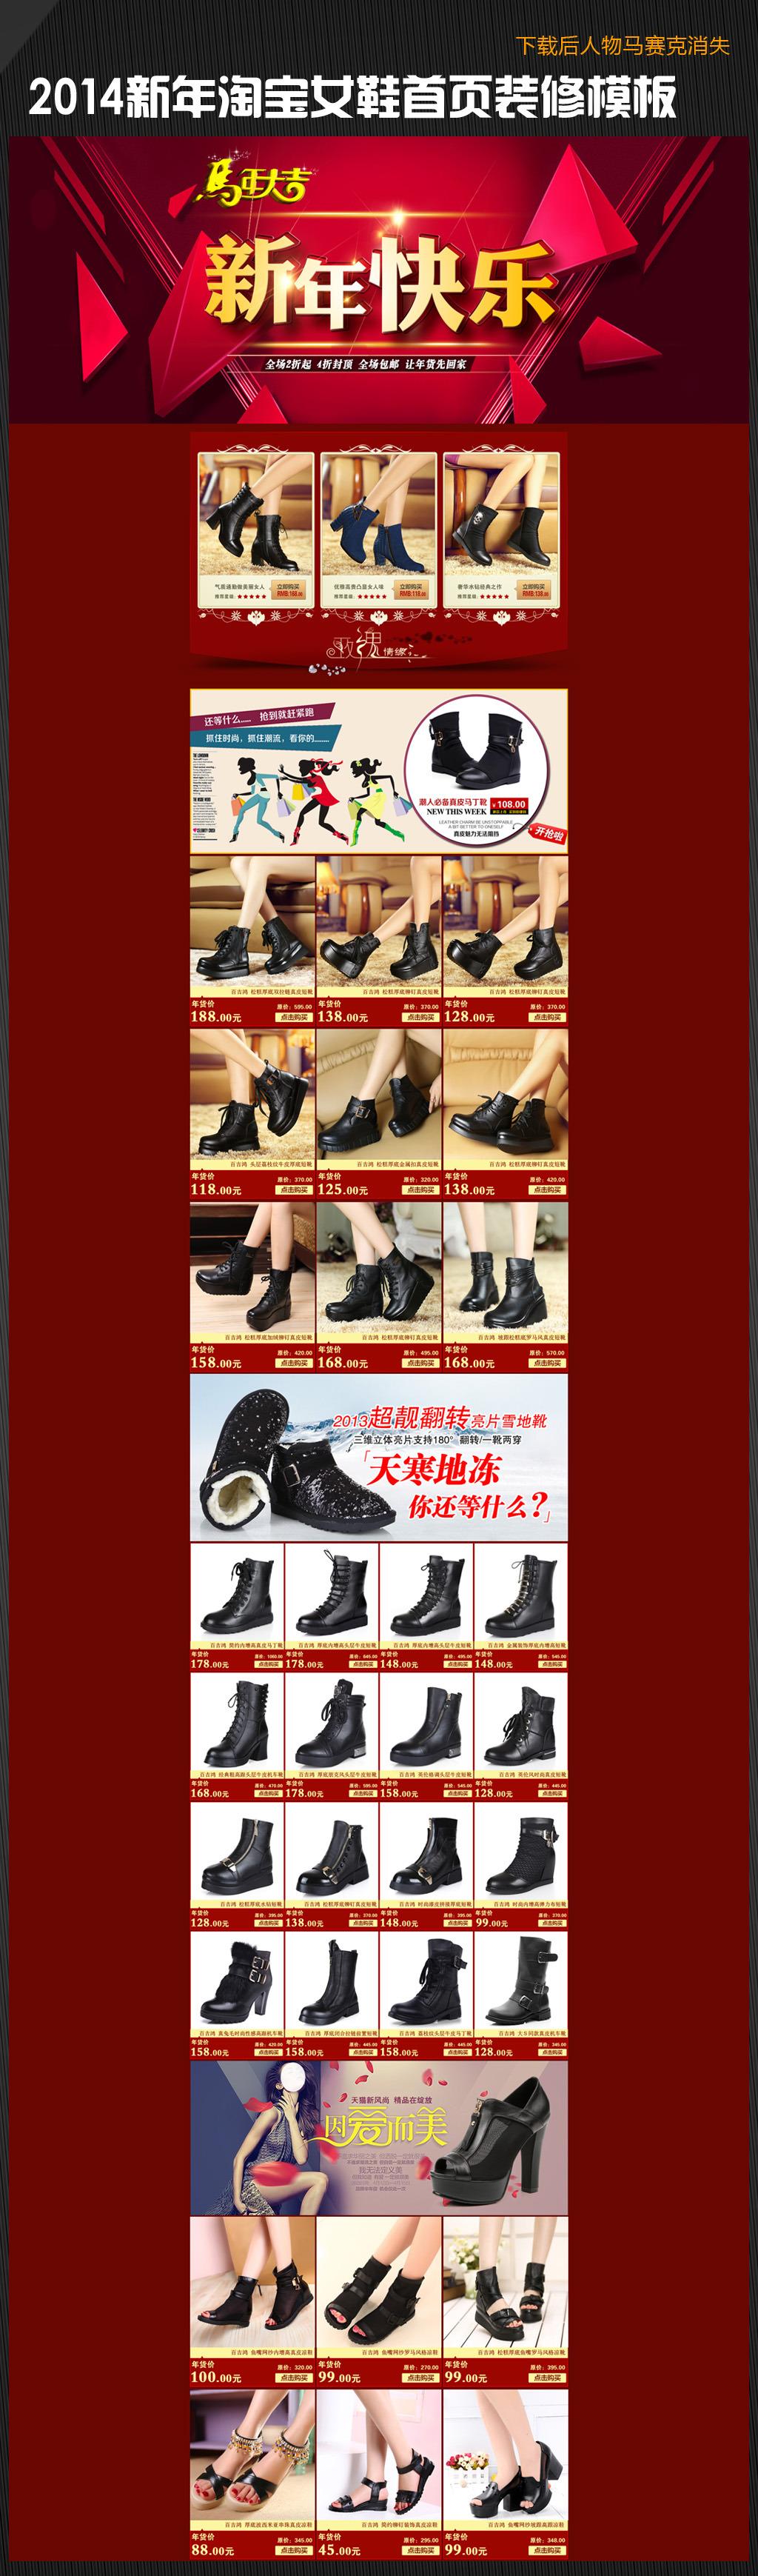 淘宝鞋店新年装修模板